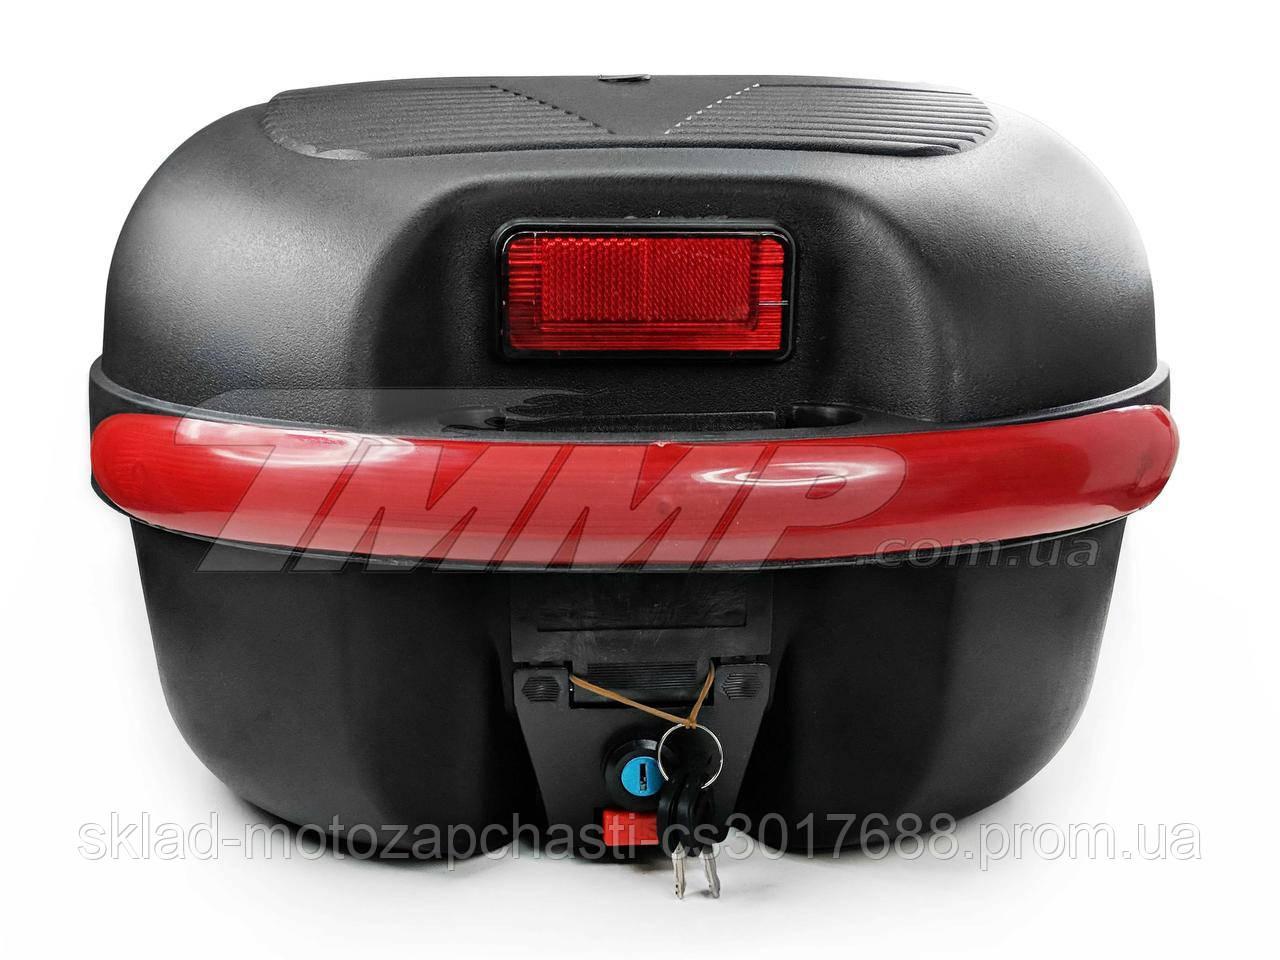 Кофр для скутера мопеда мотоцикла капронову великий (38,5*34*26см)